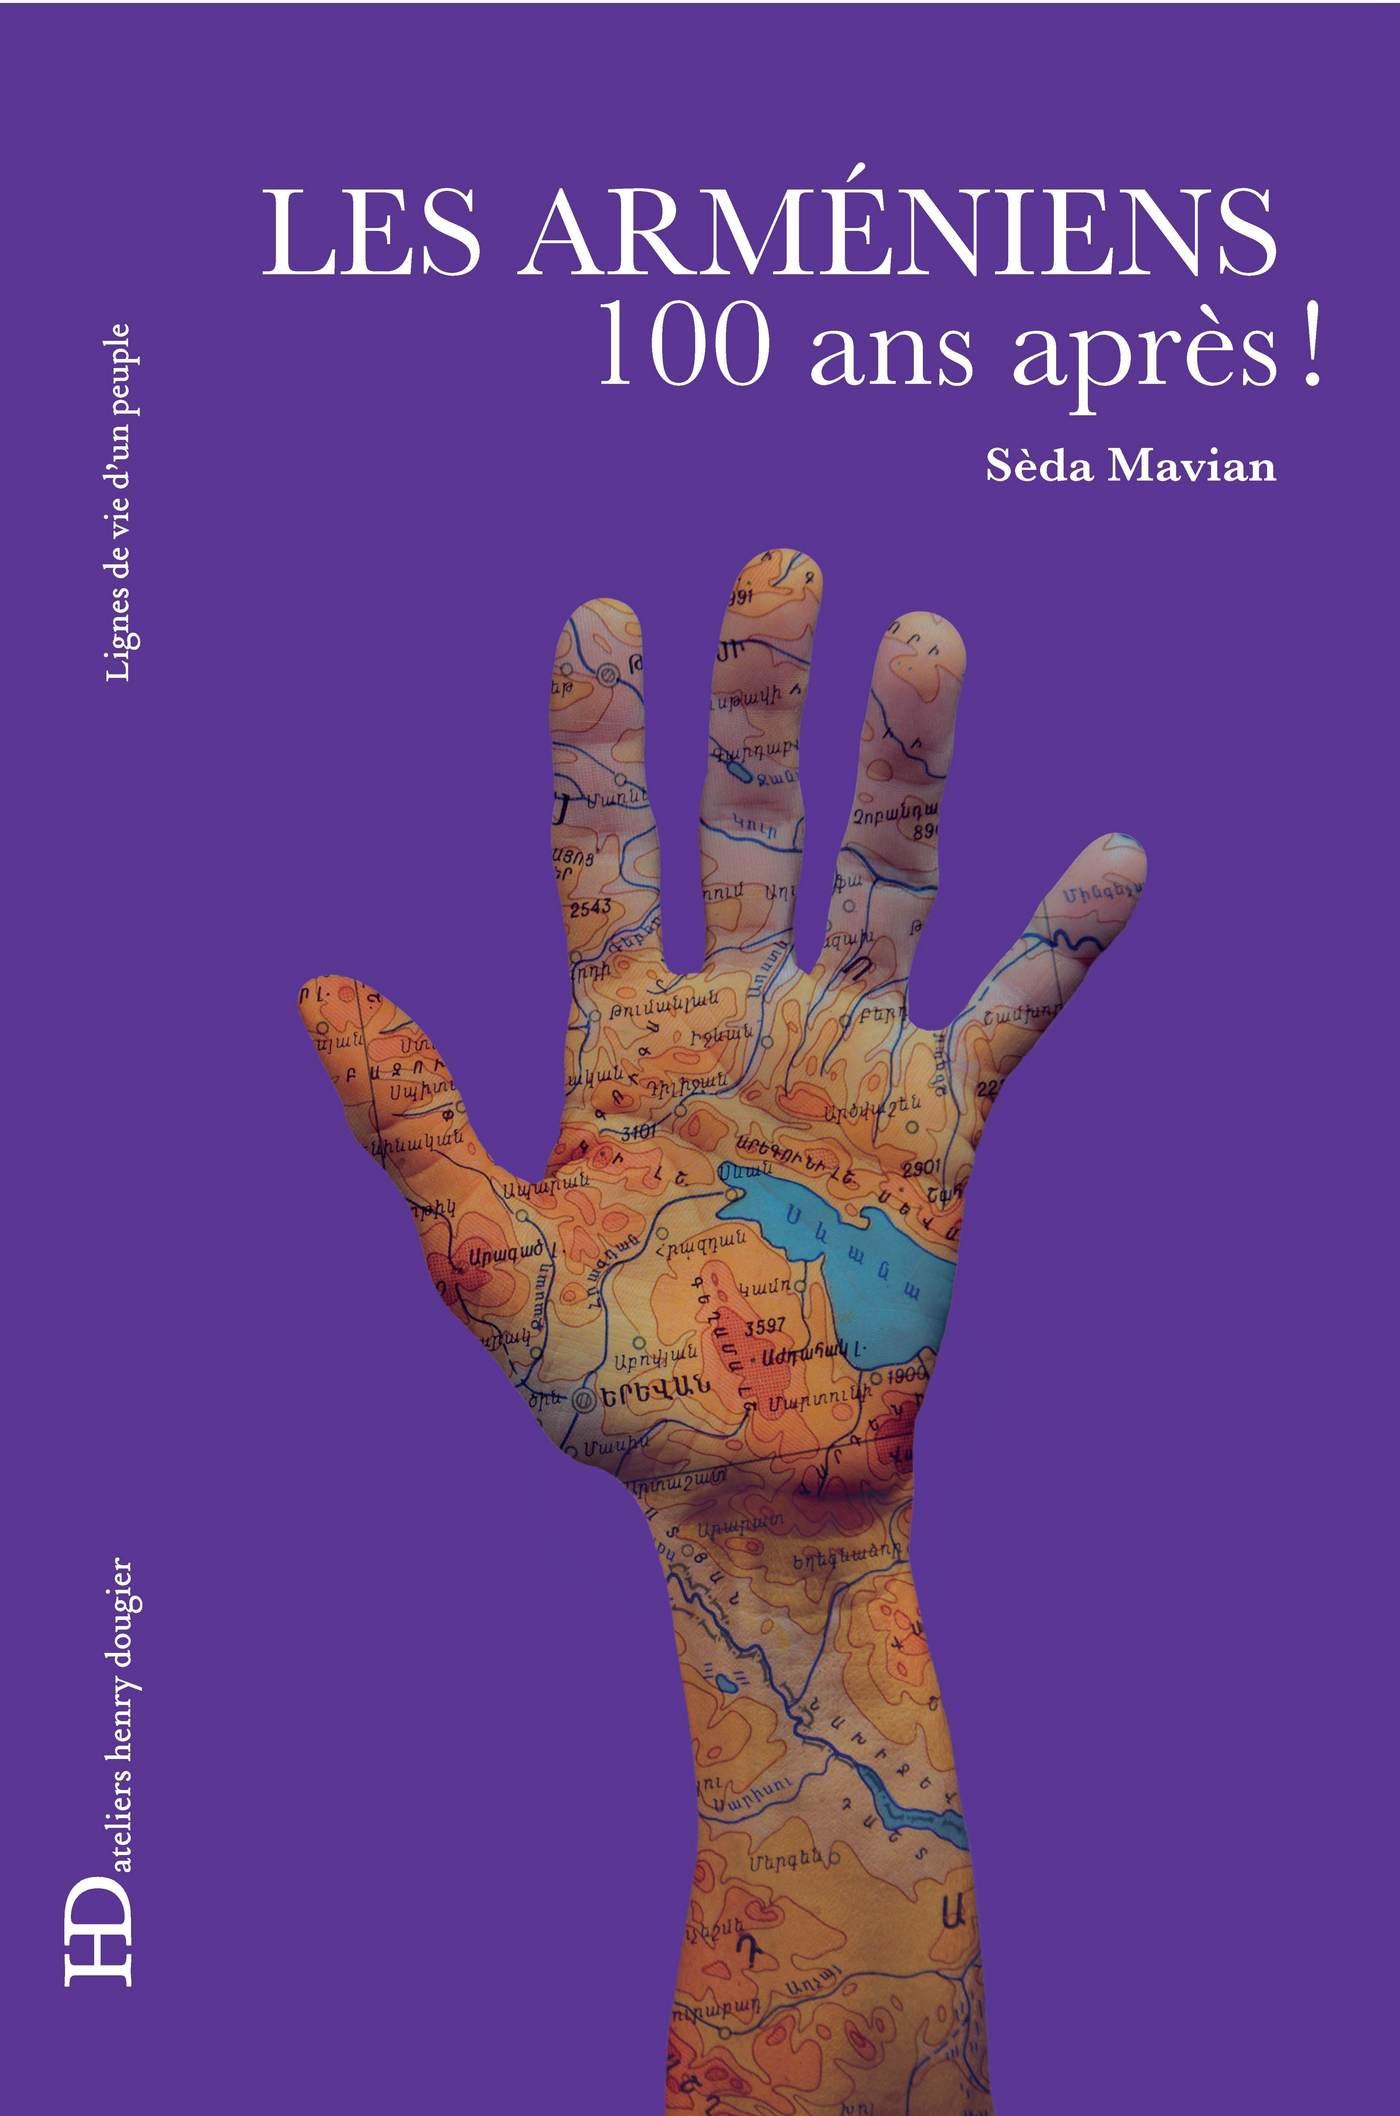 Les Arméniens, 100 ans après, 100 ans après